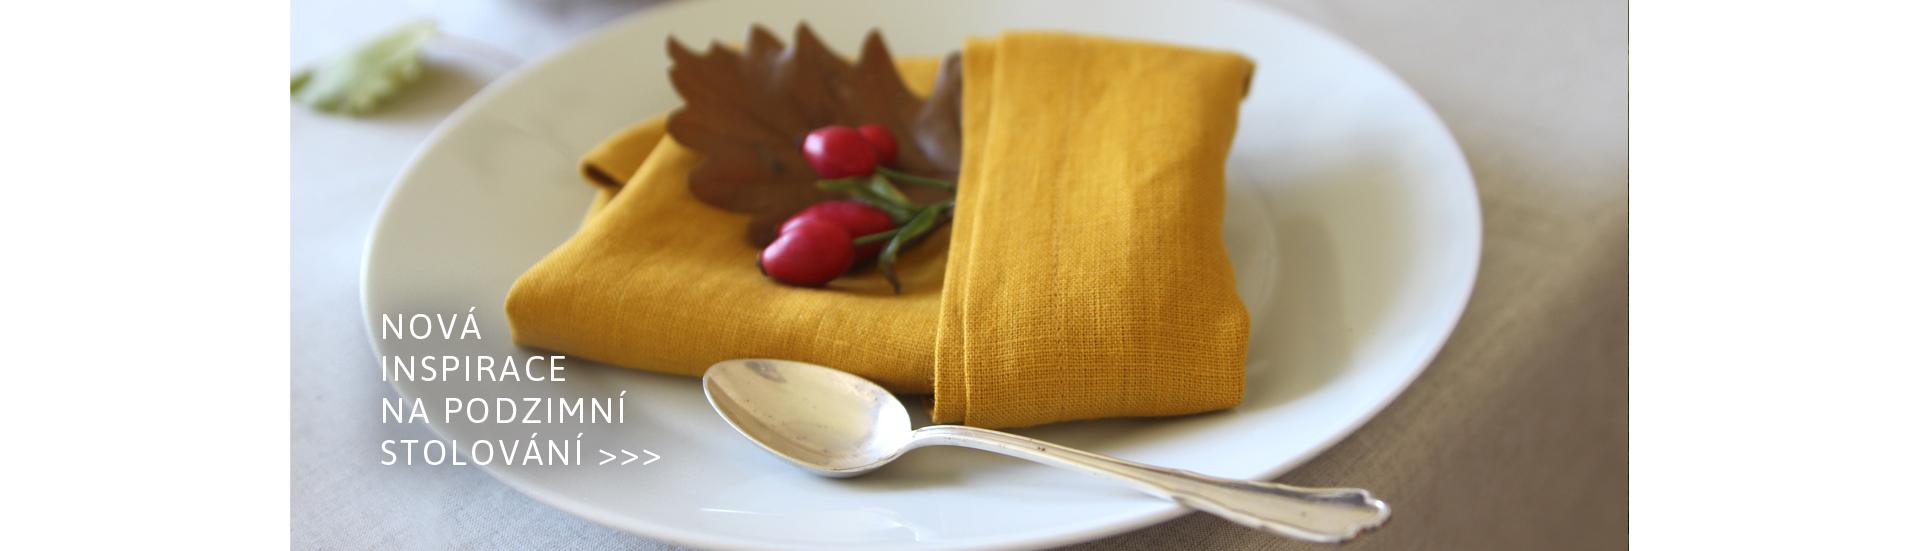 Podzimní inspirace pro váš stůl